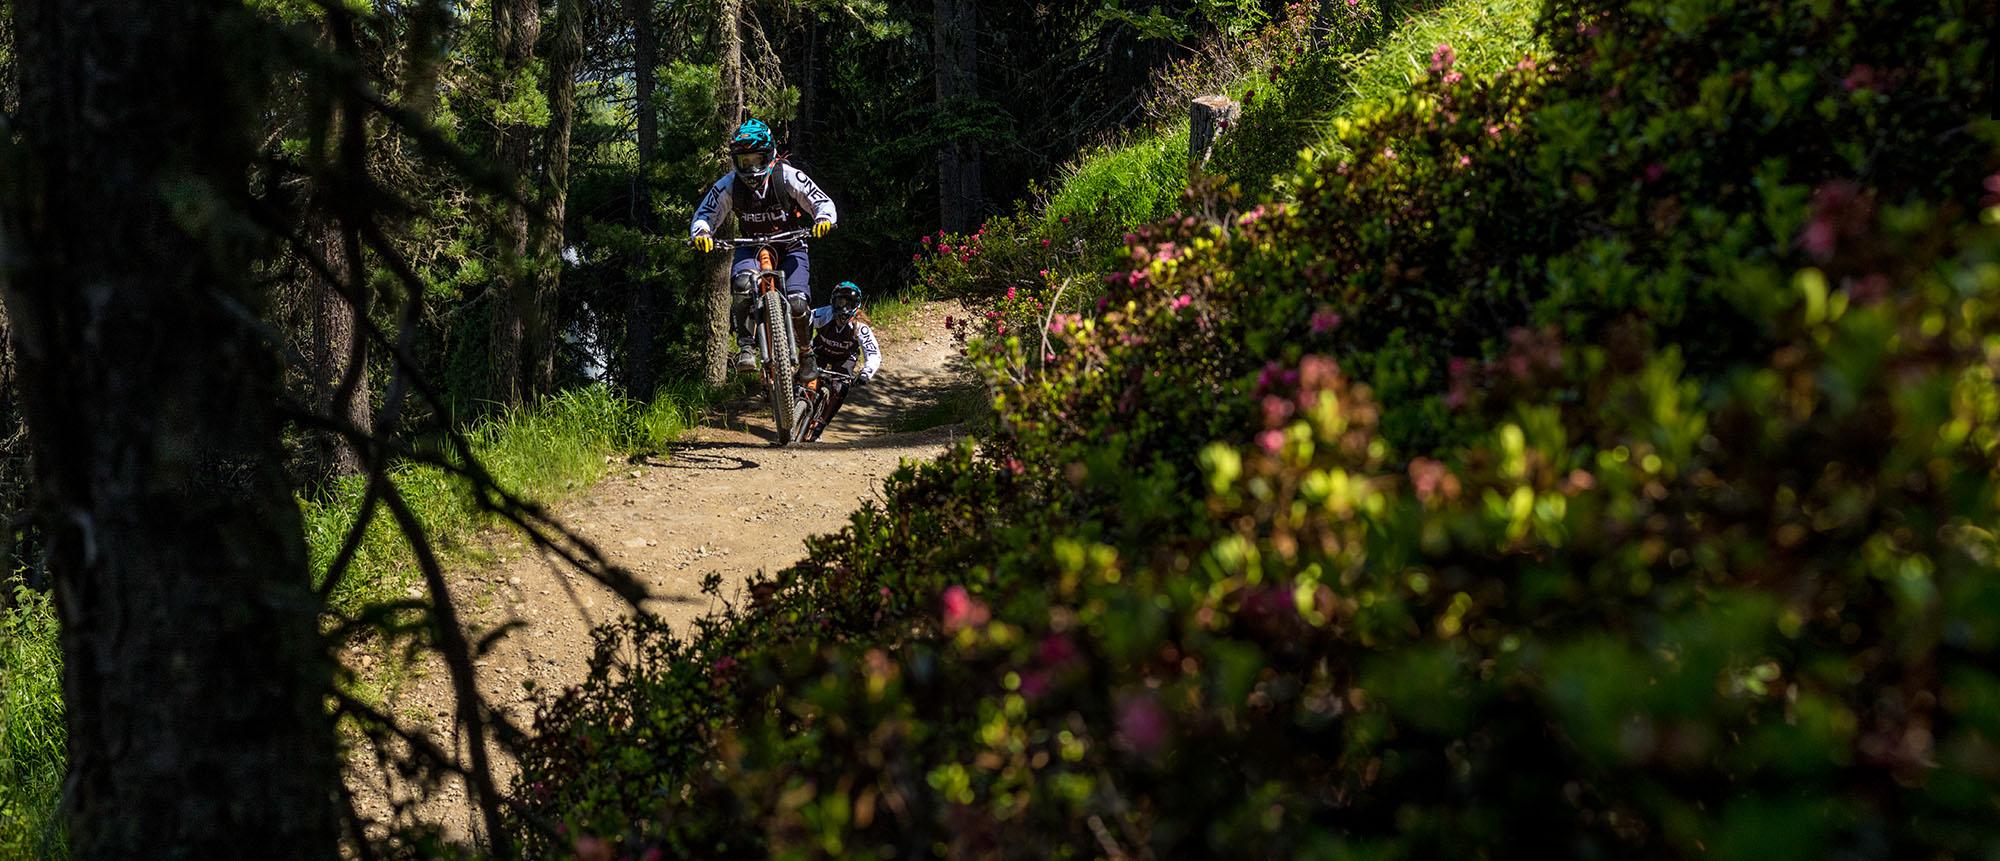 Mountainbike Touren mit der AREA 47 Bike Academy